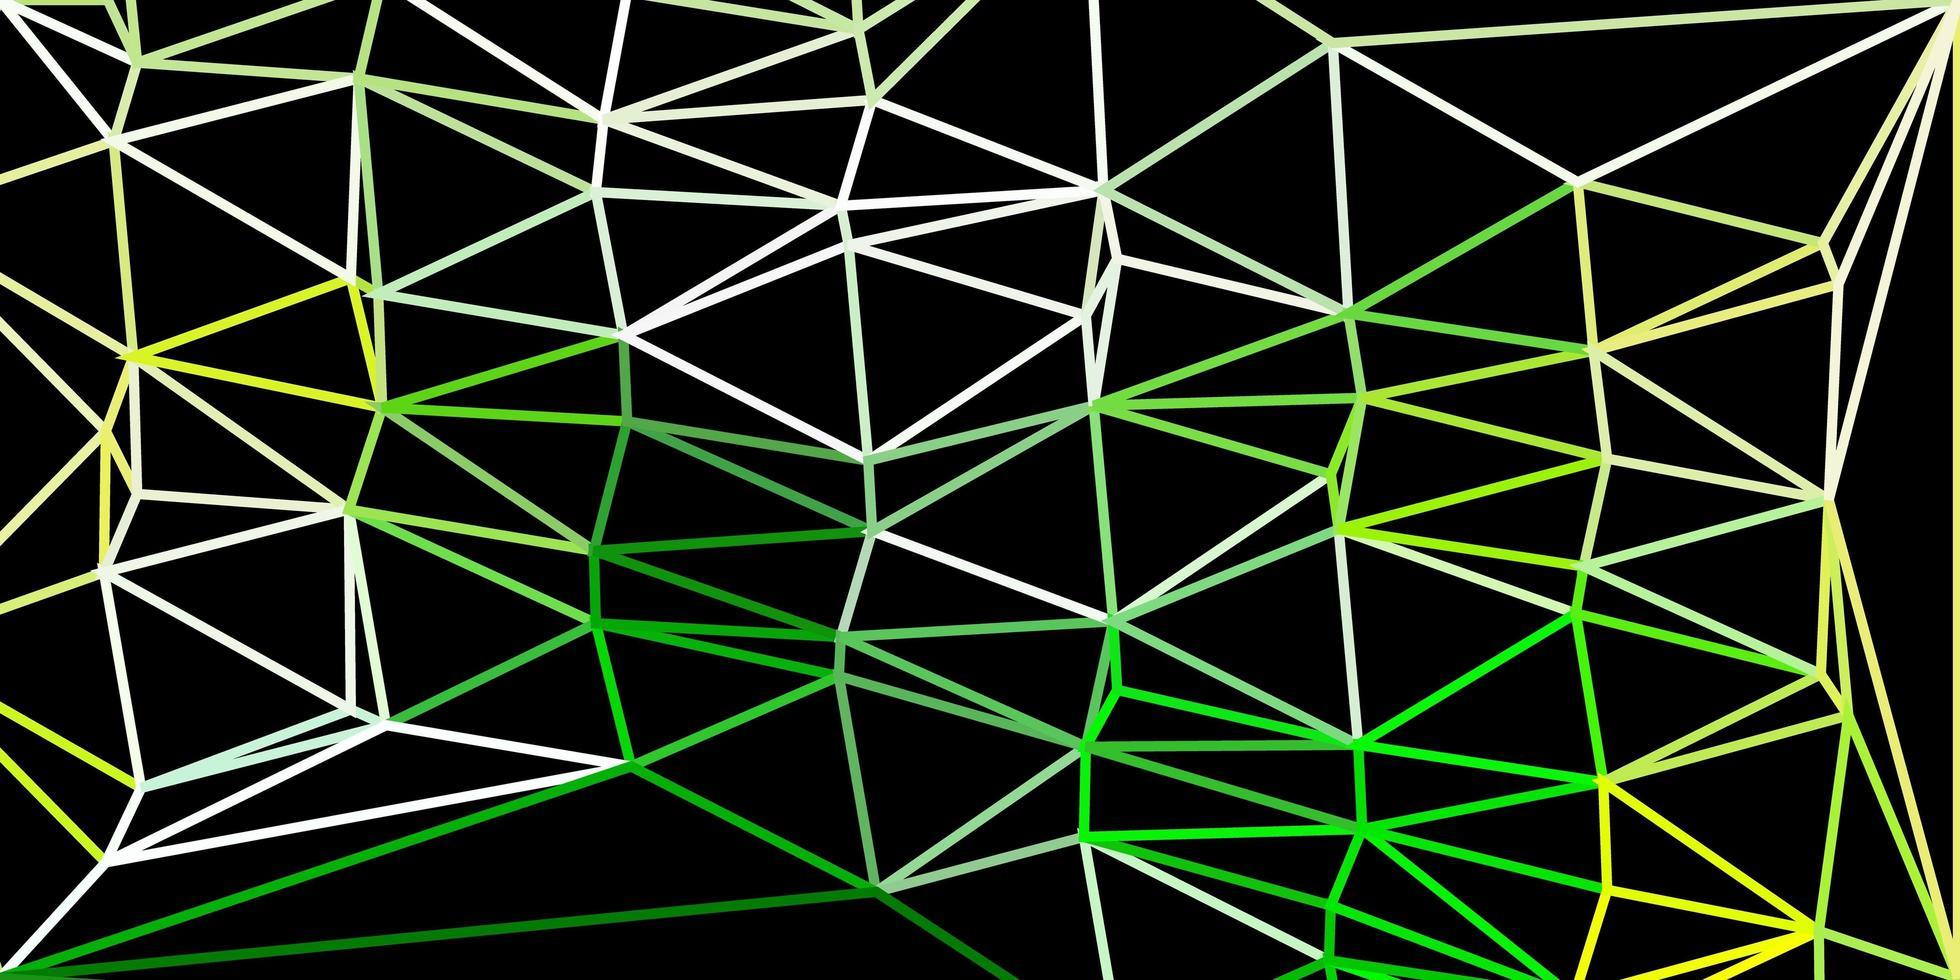 hellgrüne, gelbe Vektor-Poly-Dreiecksschablone. vektor